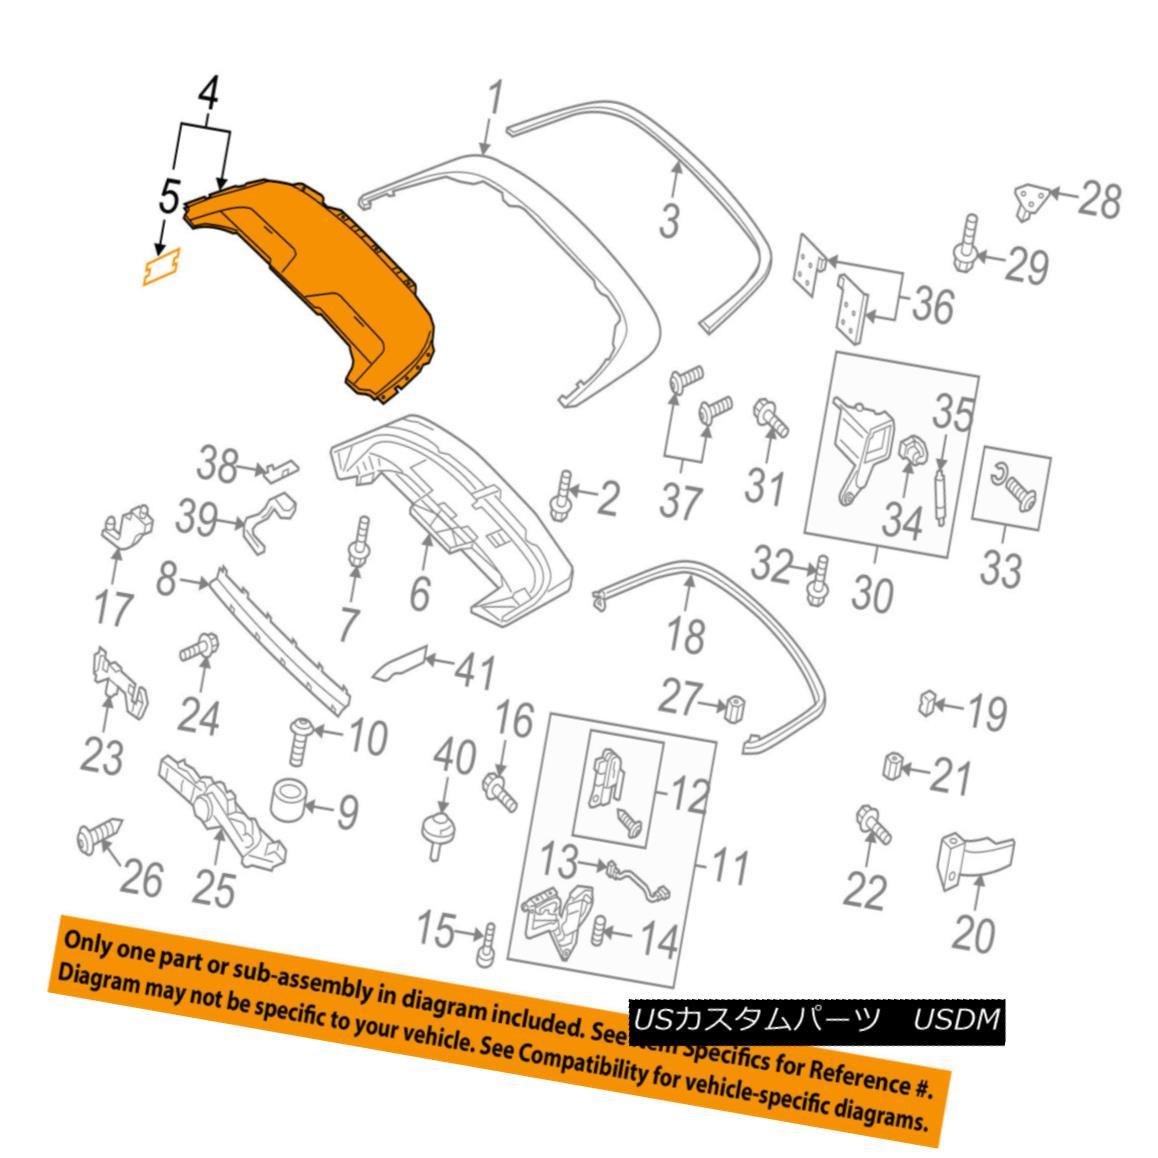 幌・ソフトトップ AUDI OEM 10-17 S5 Storage Cover-Convertible/soft Top-Outer Cover 8F0871993B24A AUDI OEM 10-17 S5ストレージカバーコンバーチブル/ソフトカバートップカバー8F0871993B24A